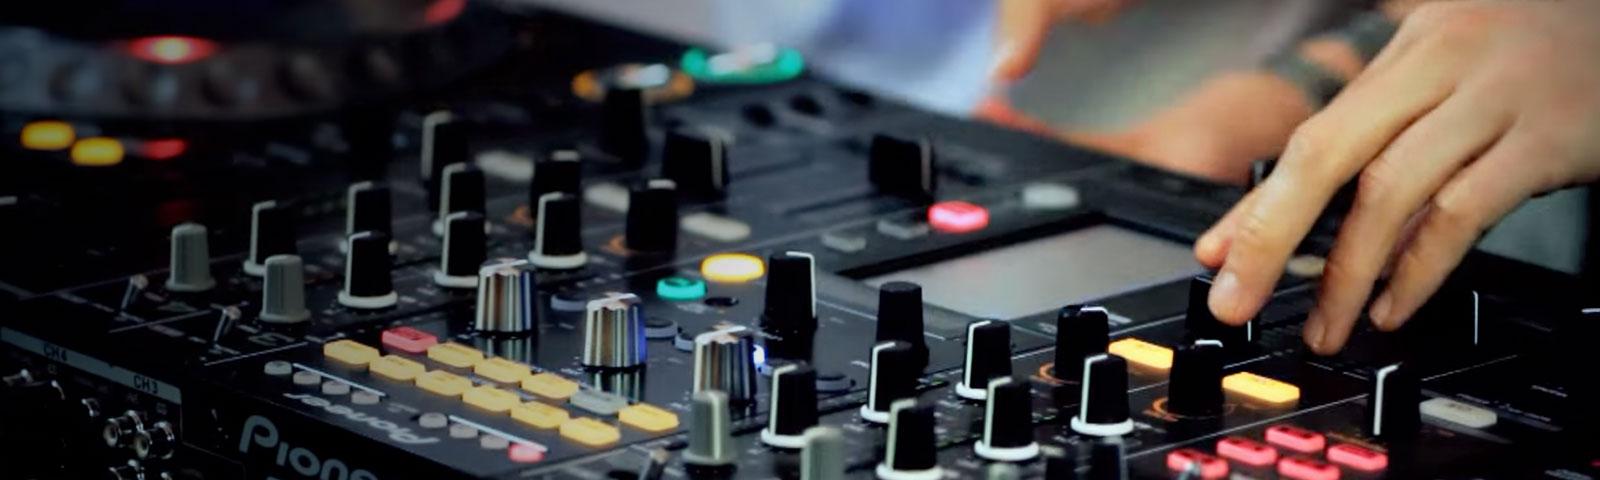 DJM-2000NXS header